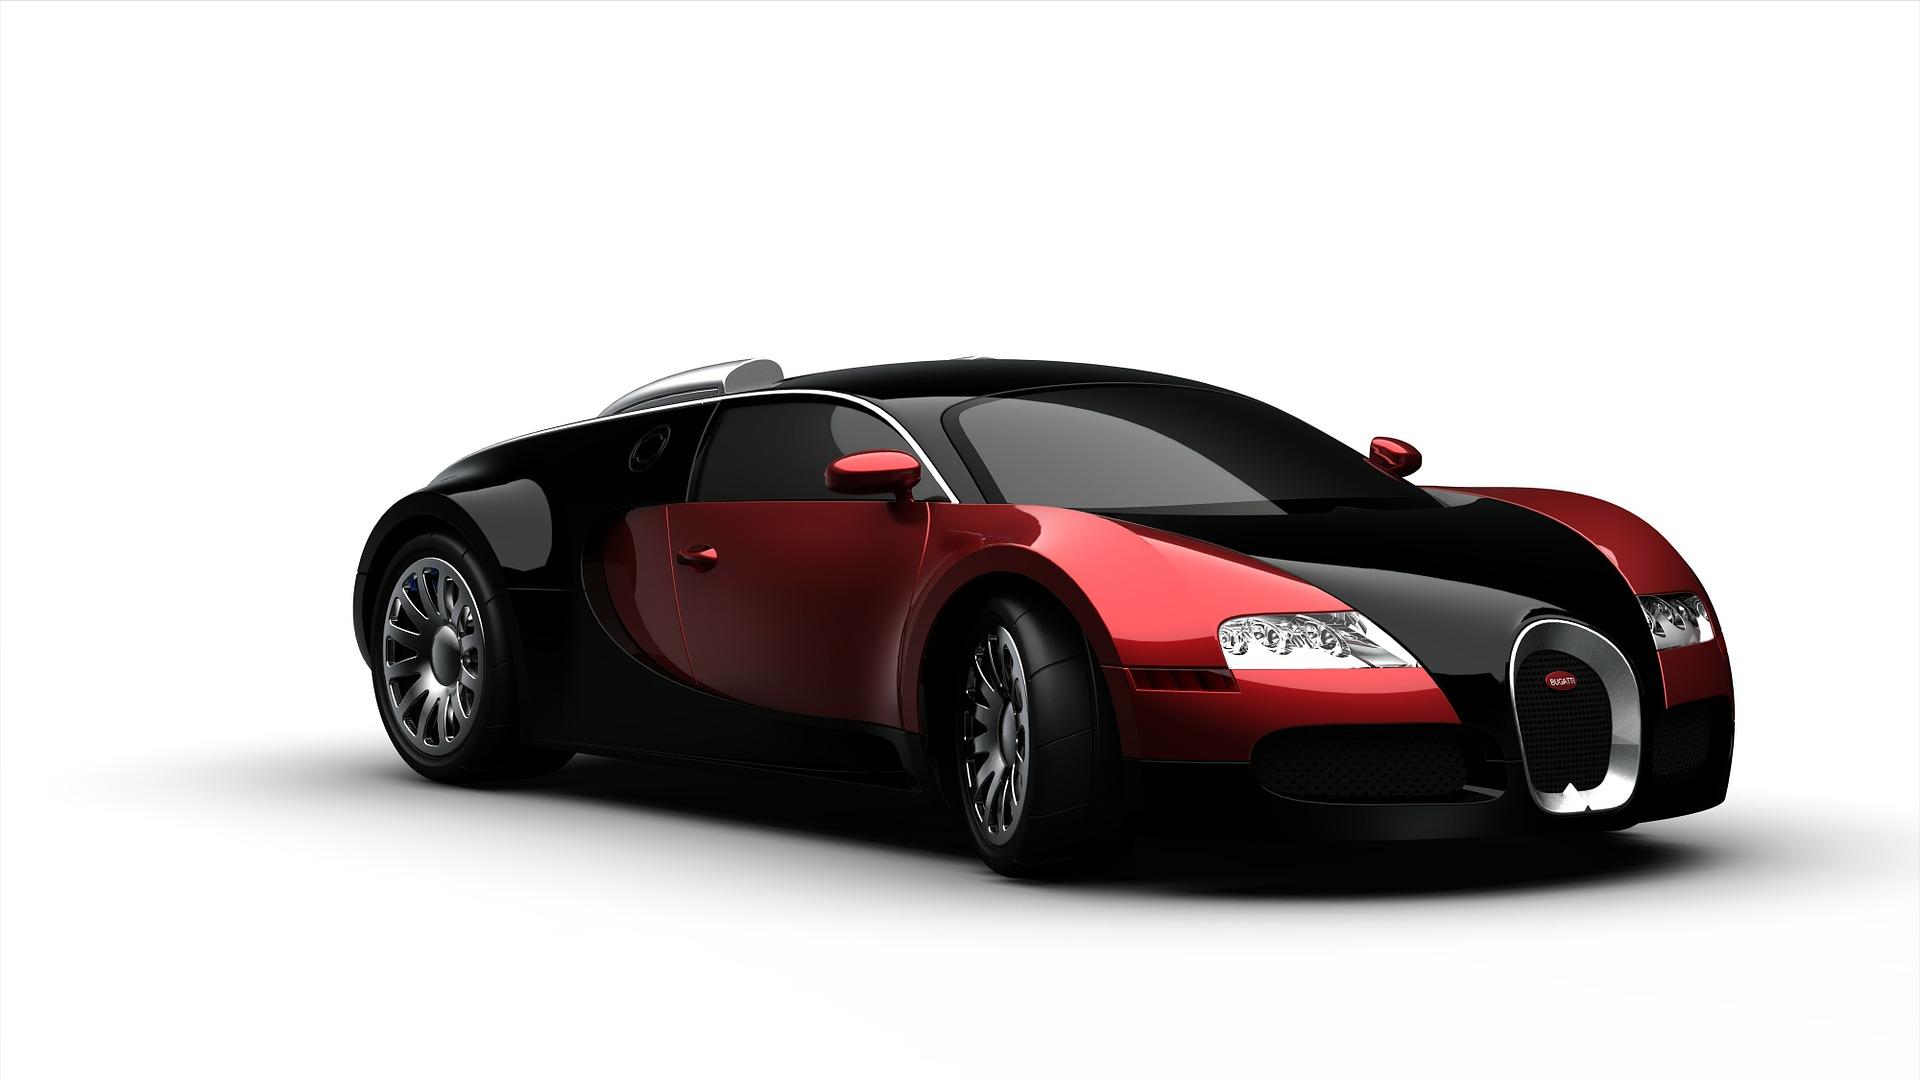 Met geld koop je geen geluk. Maar eens of anders, het is veel comfortabeler te wenen in een Jaguar dan op een fiets!